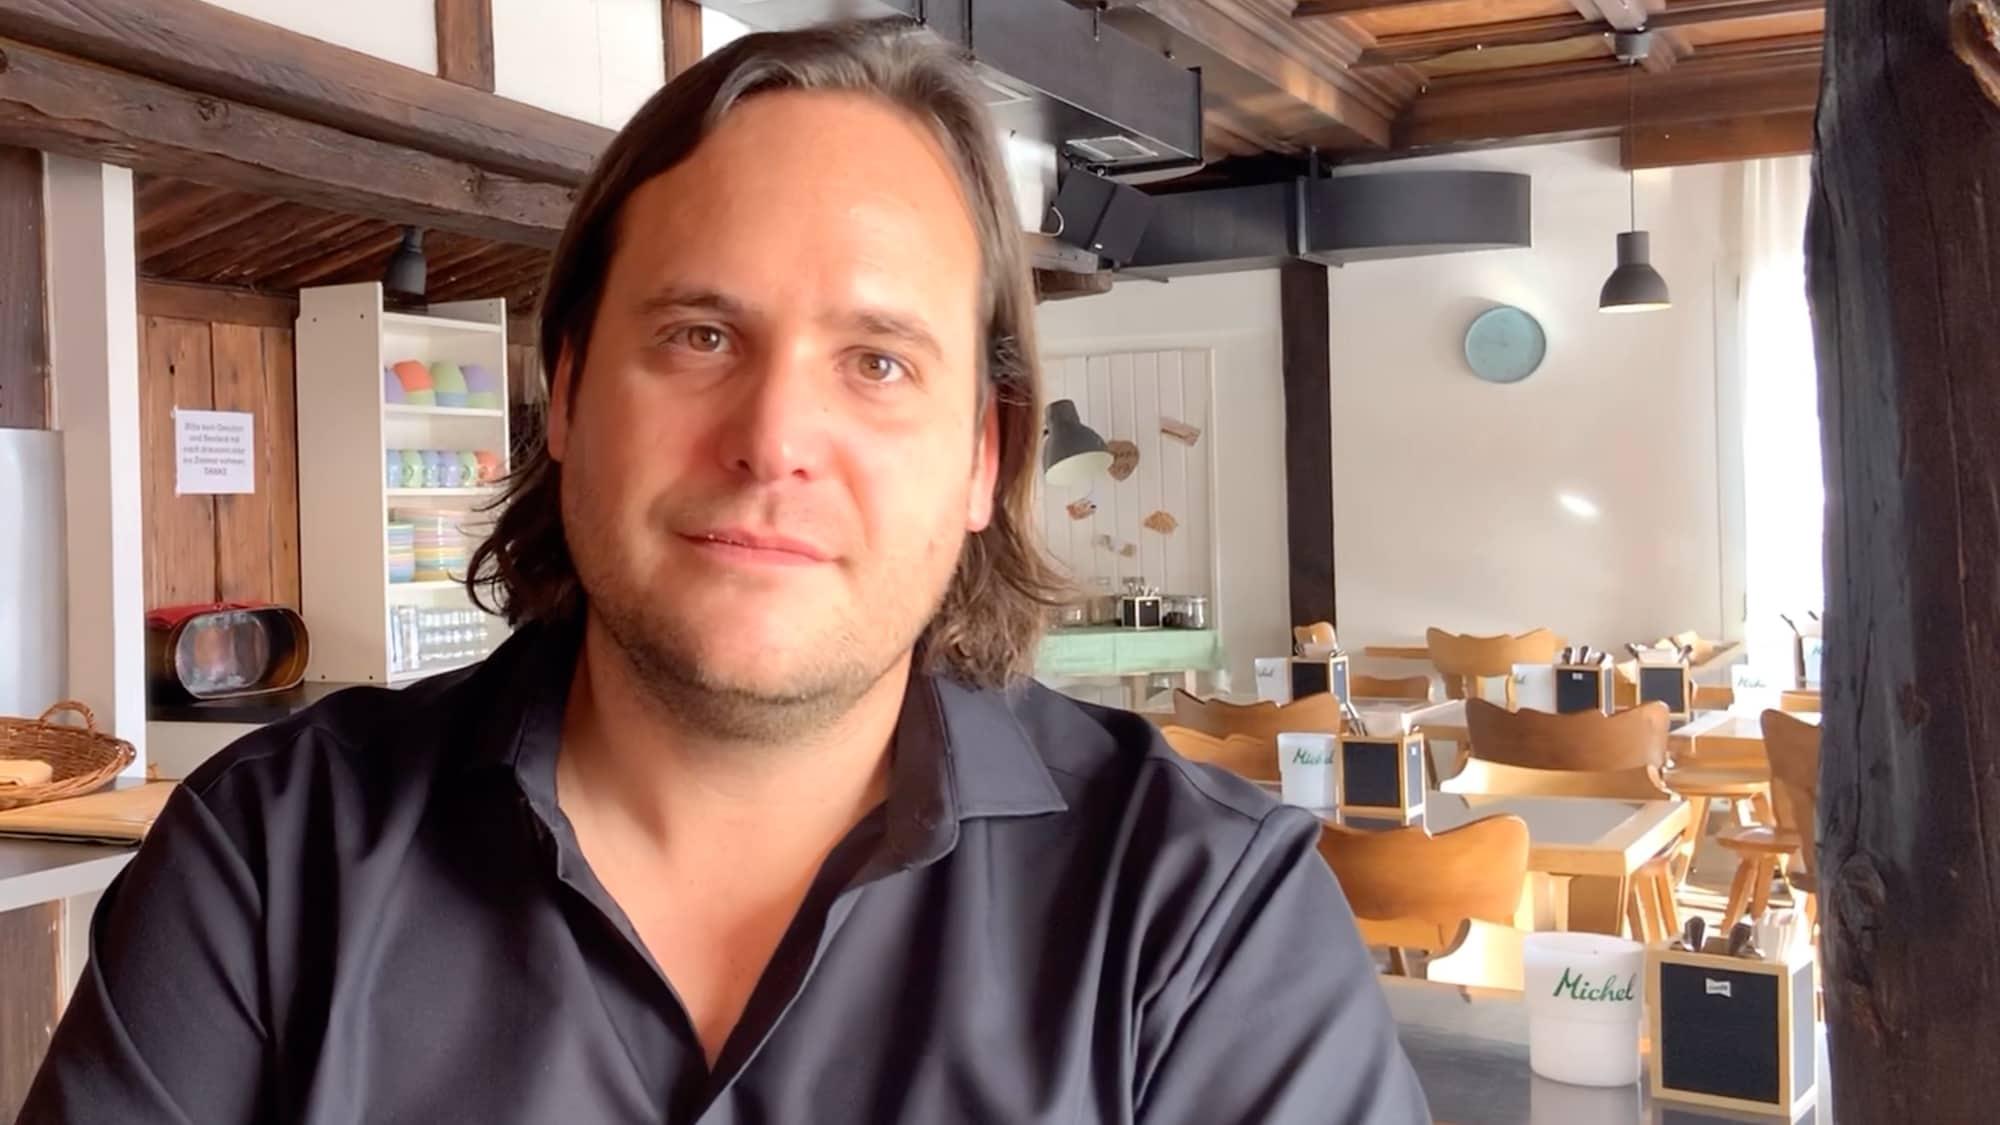 Knatsch am WEF: So erlebte Hotelier Marco Bühler die Zechpreller